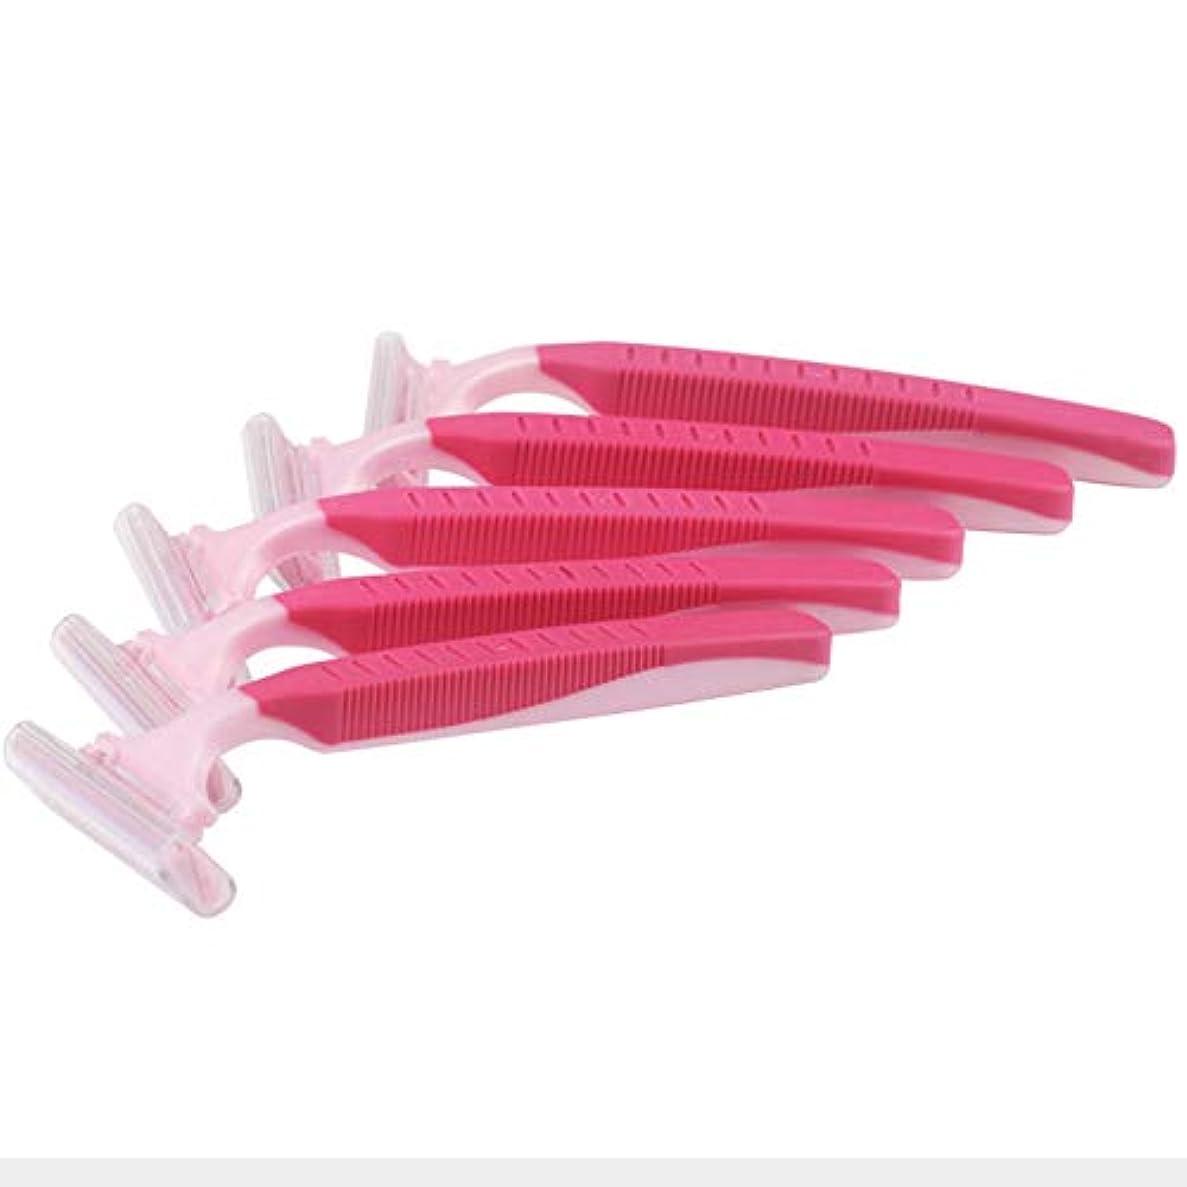 盲信食物レキシコンボディのプライベートな部分の下にあるナイフに加えて、軽くて持ち運びが簡単5本のピンク